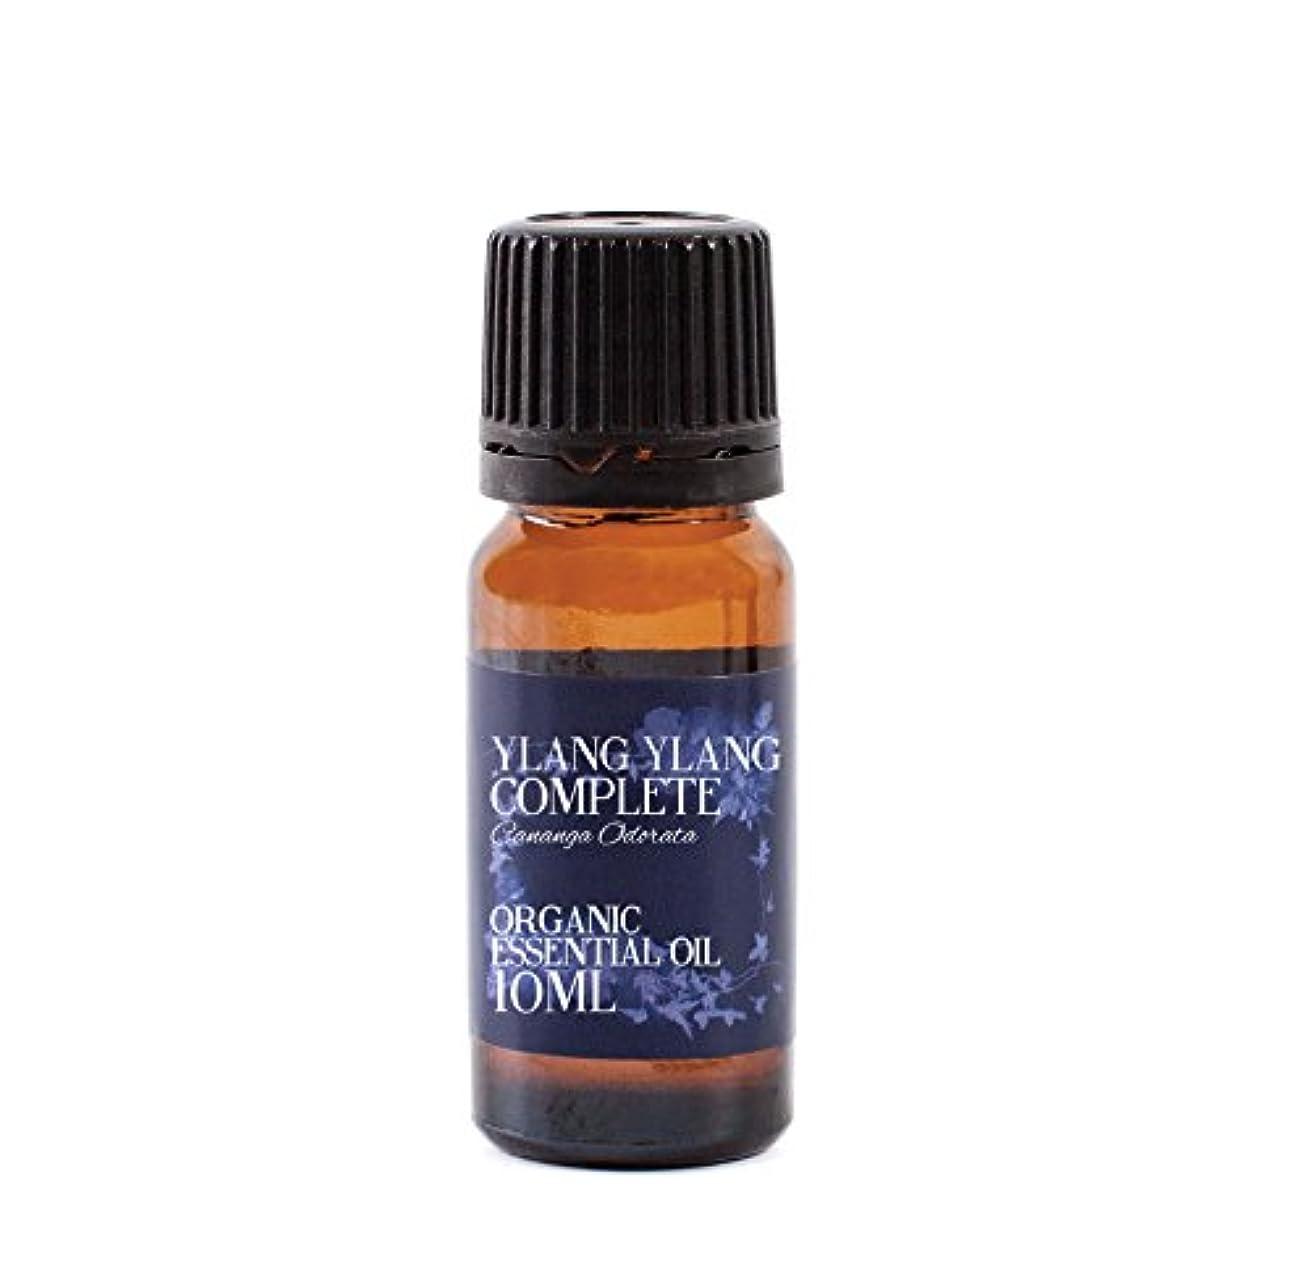 所属熱狂的な拡張Mystic Moments | Ylang Ylang Complete Organic Essential Oil - 10ml - 100% Pure